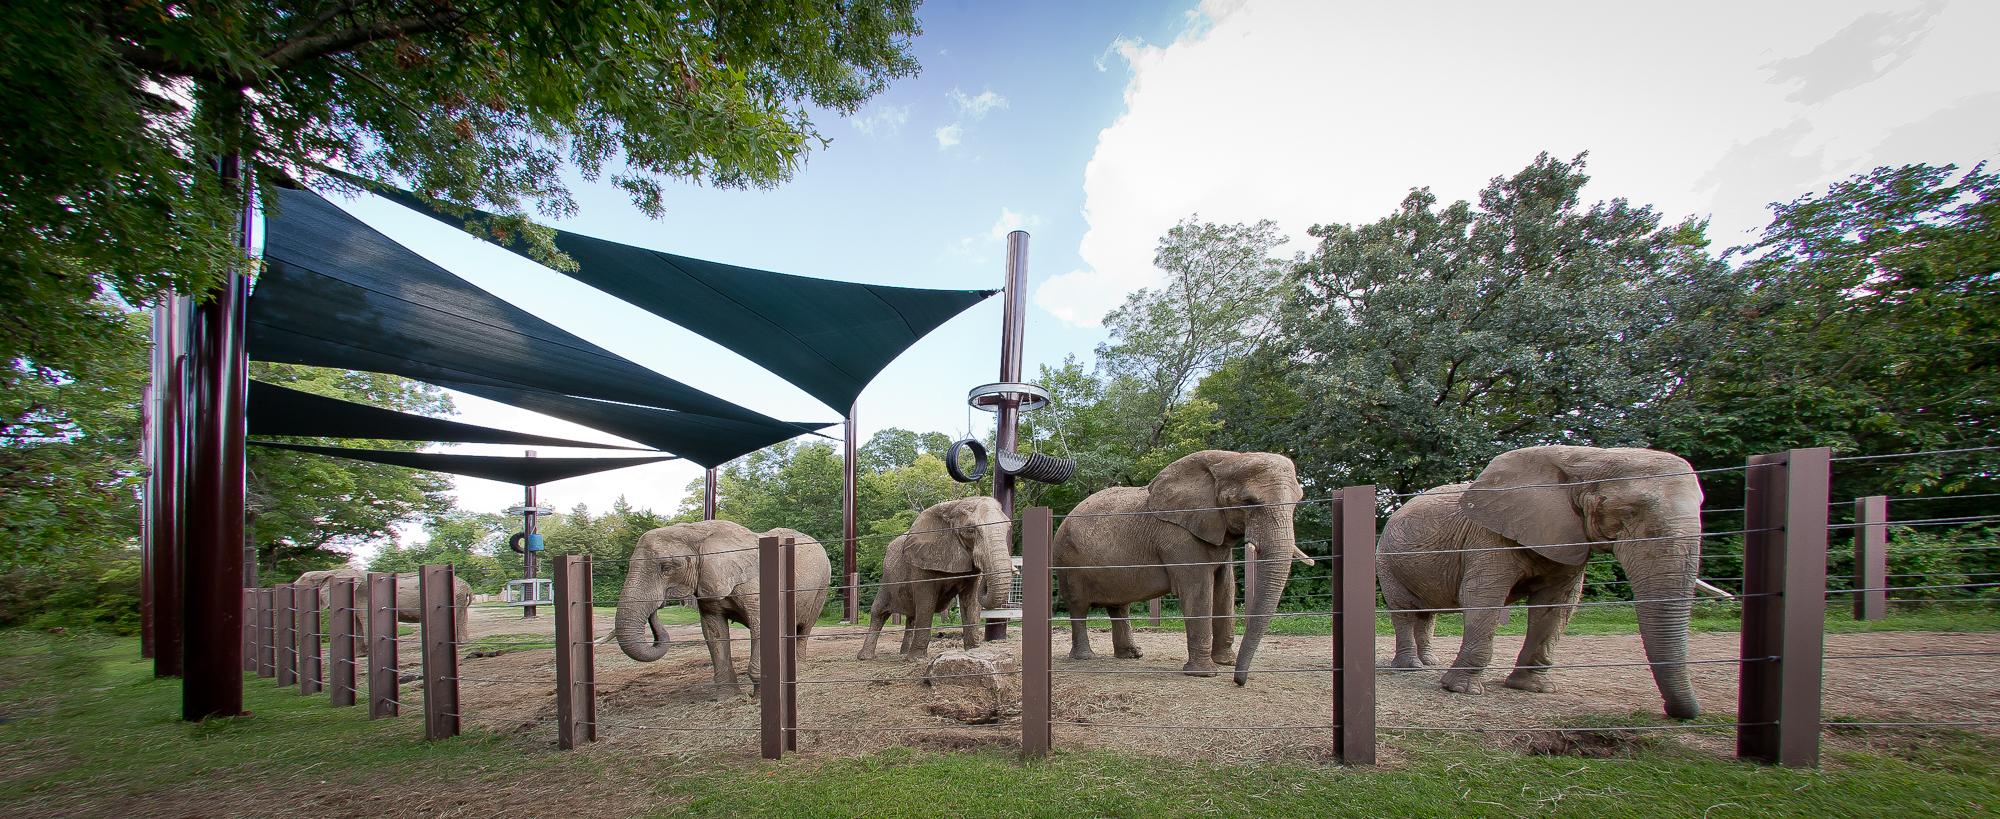 KC Zoo Elephant Shades